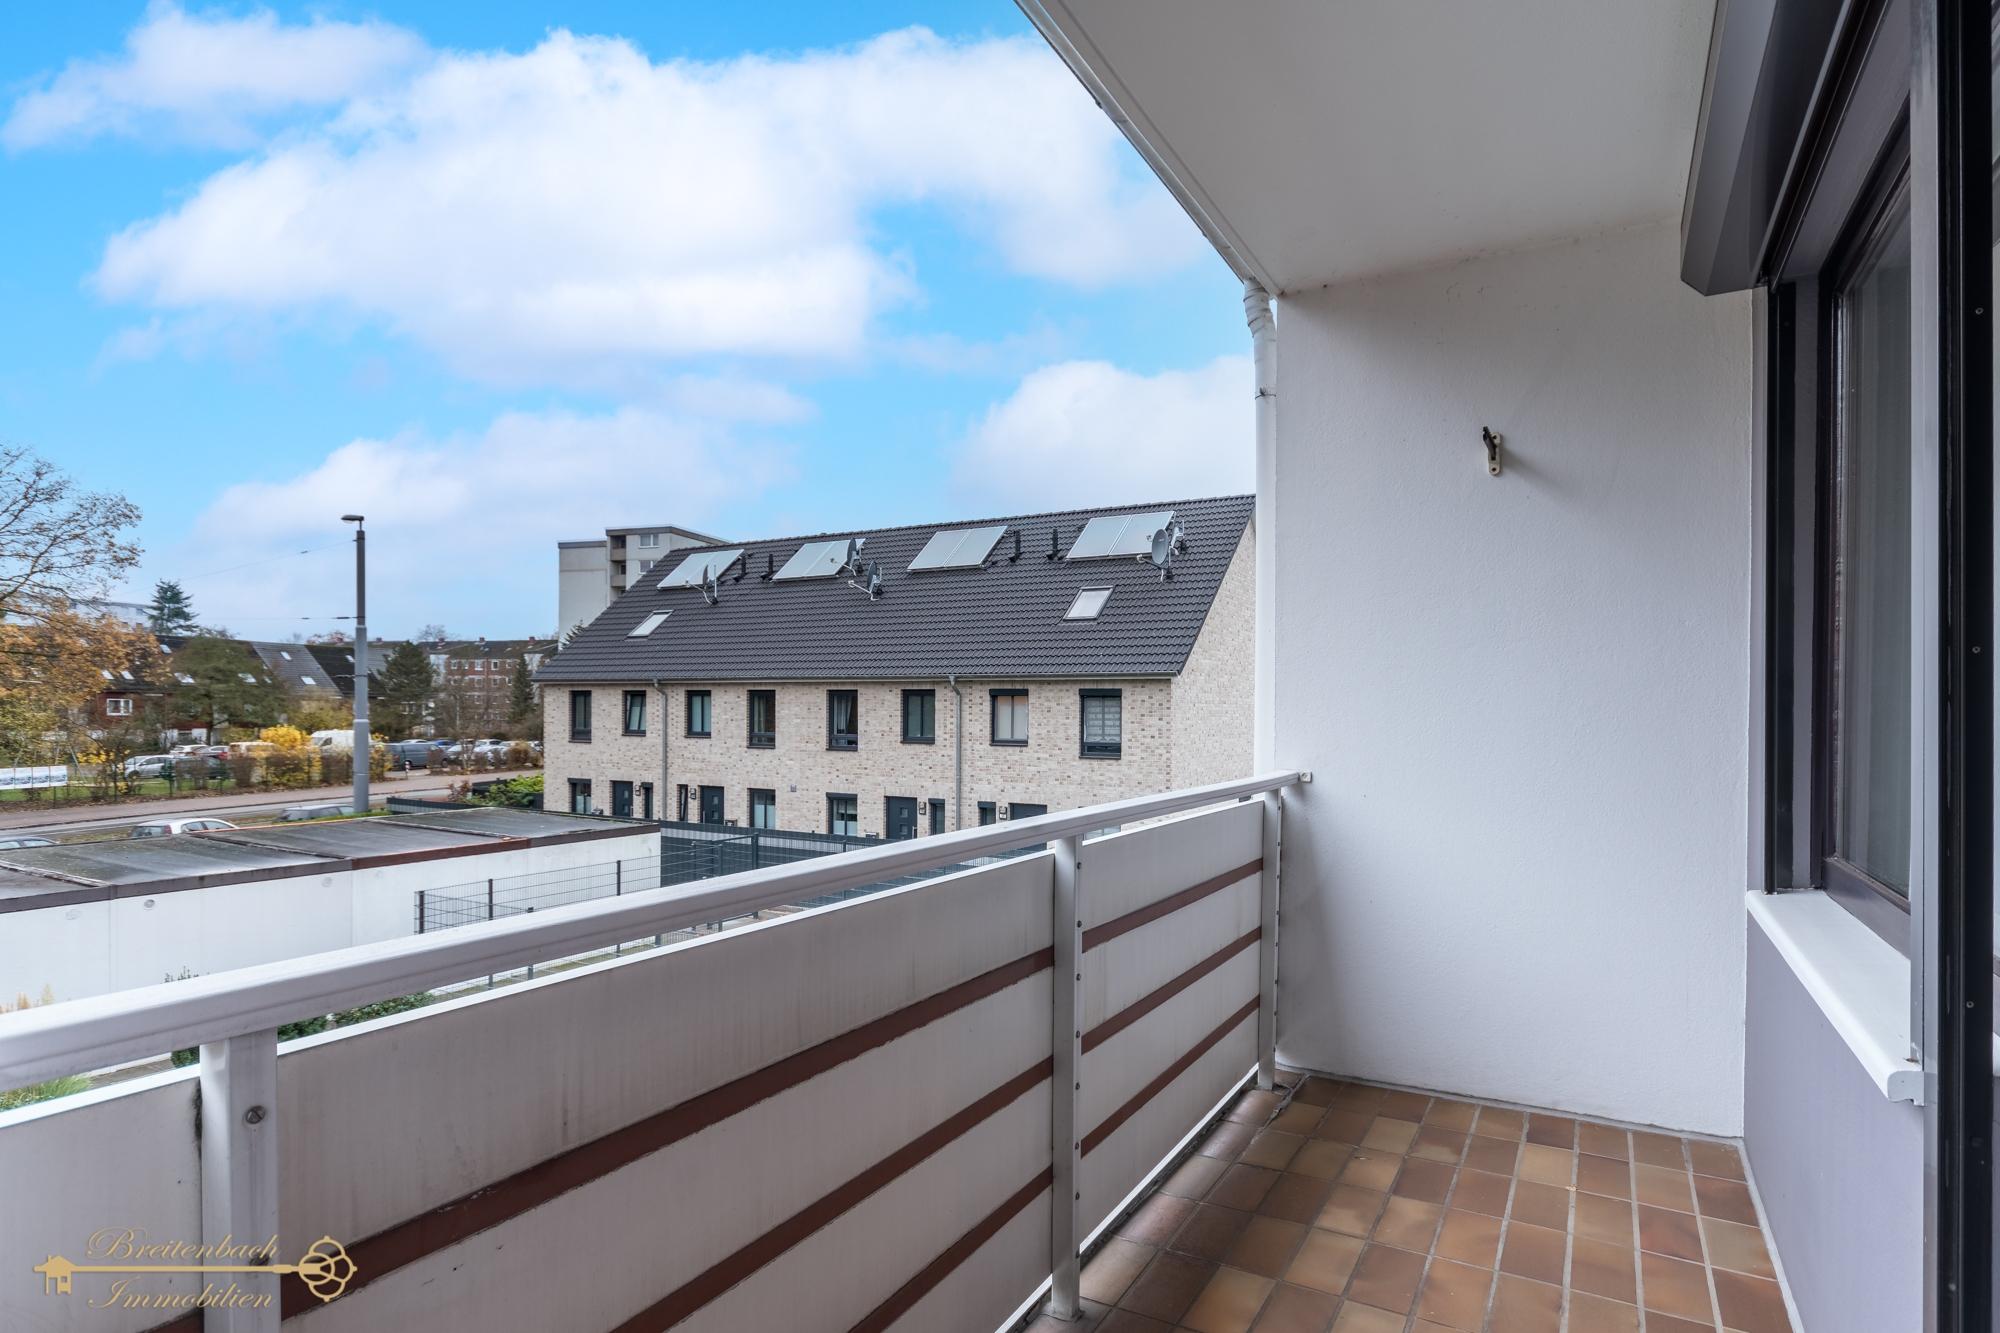 2020-11-21-Breitenbach-Immobilien-18